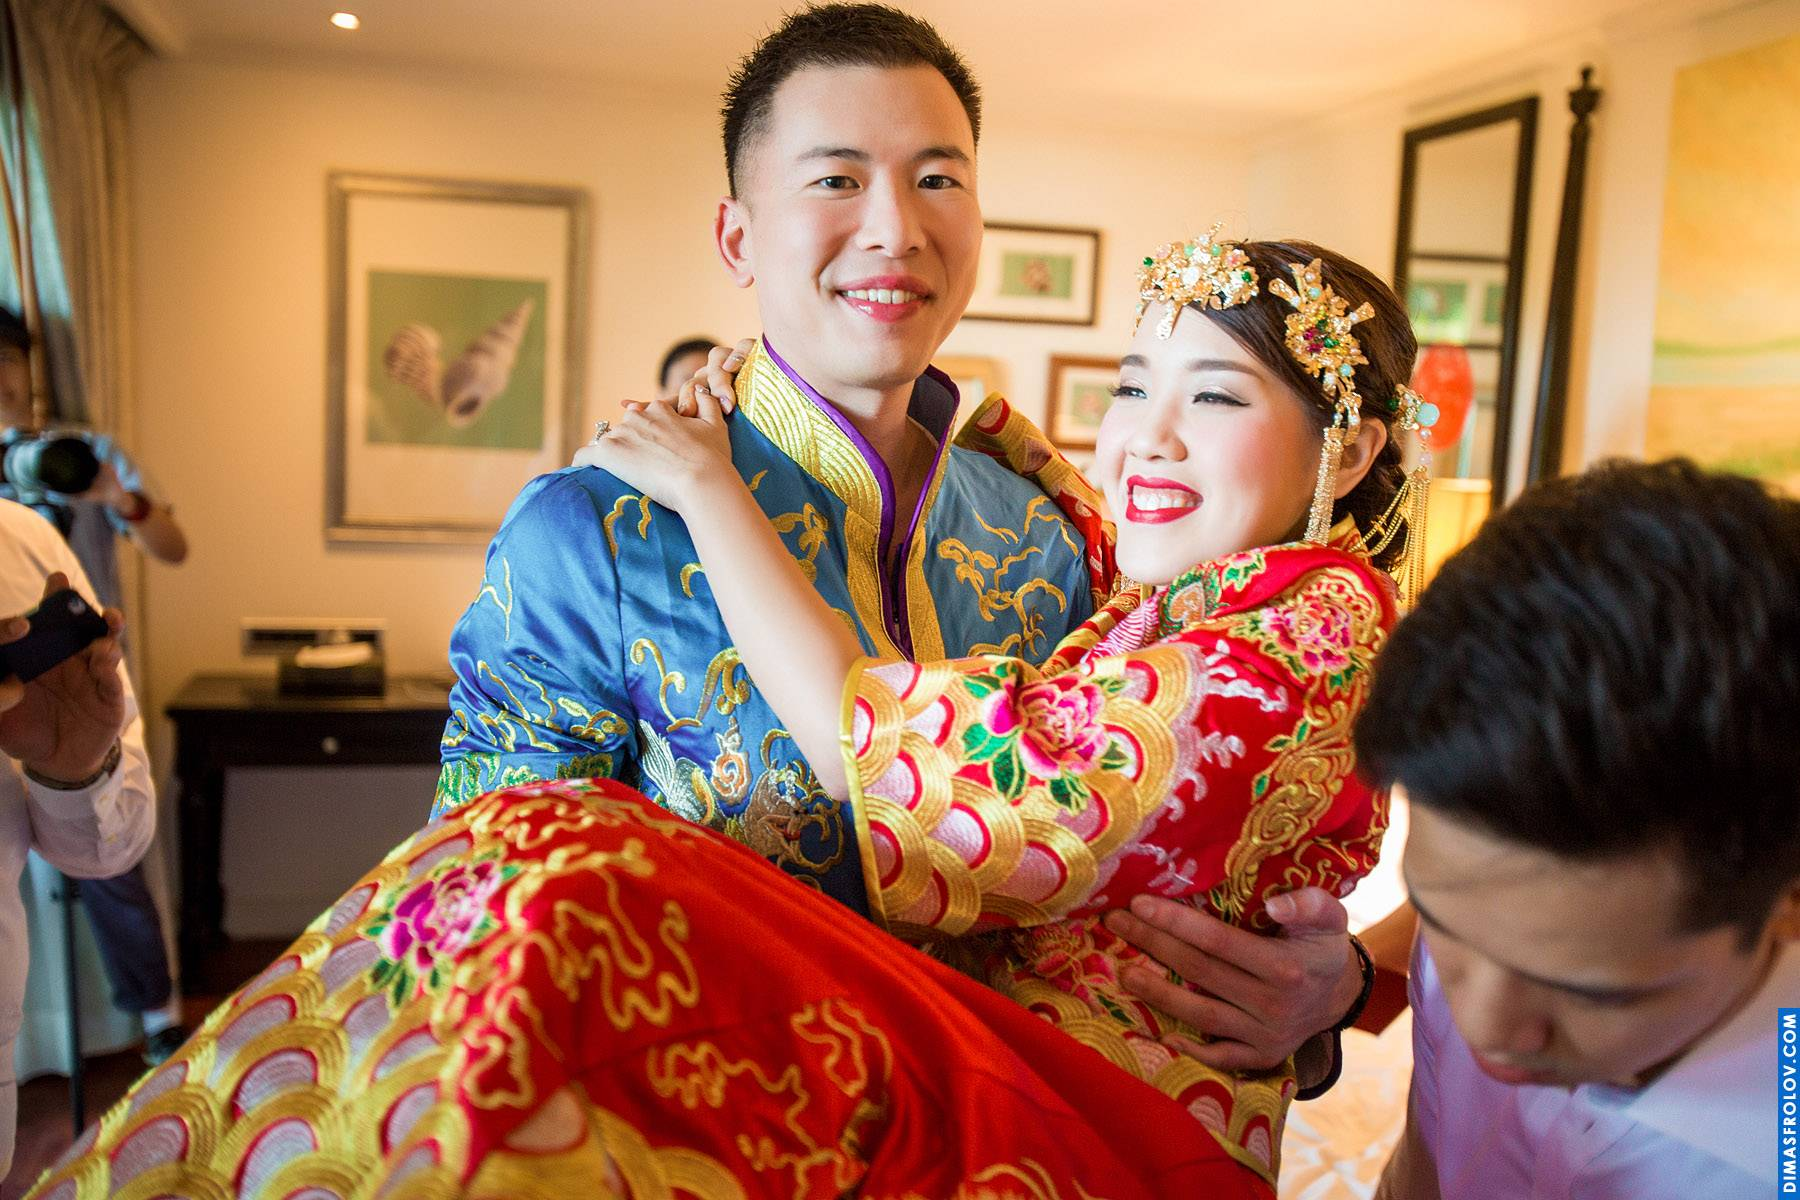 Японская свадьба: уникальные обычаи и традиции страны восходящего солнца